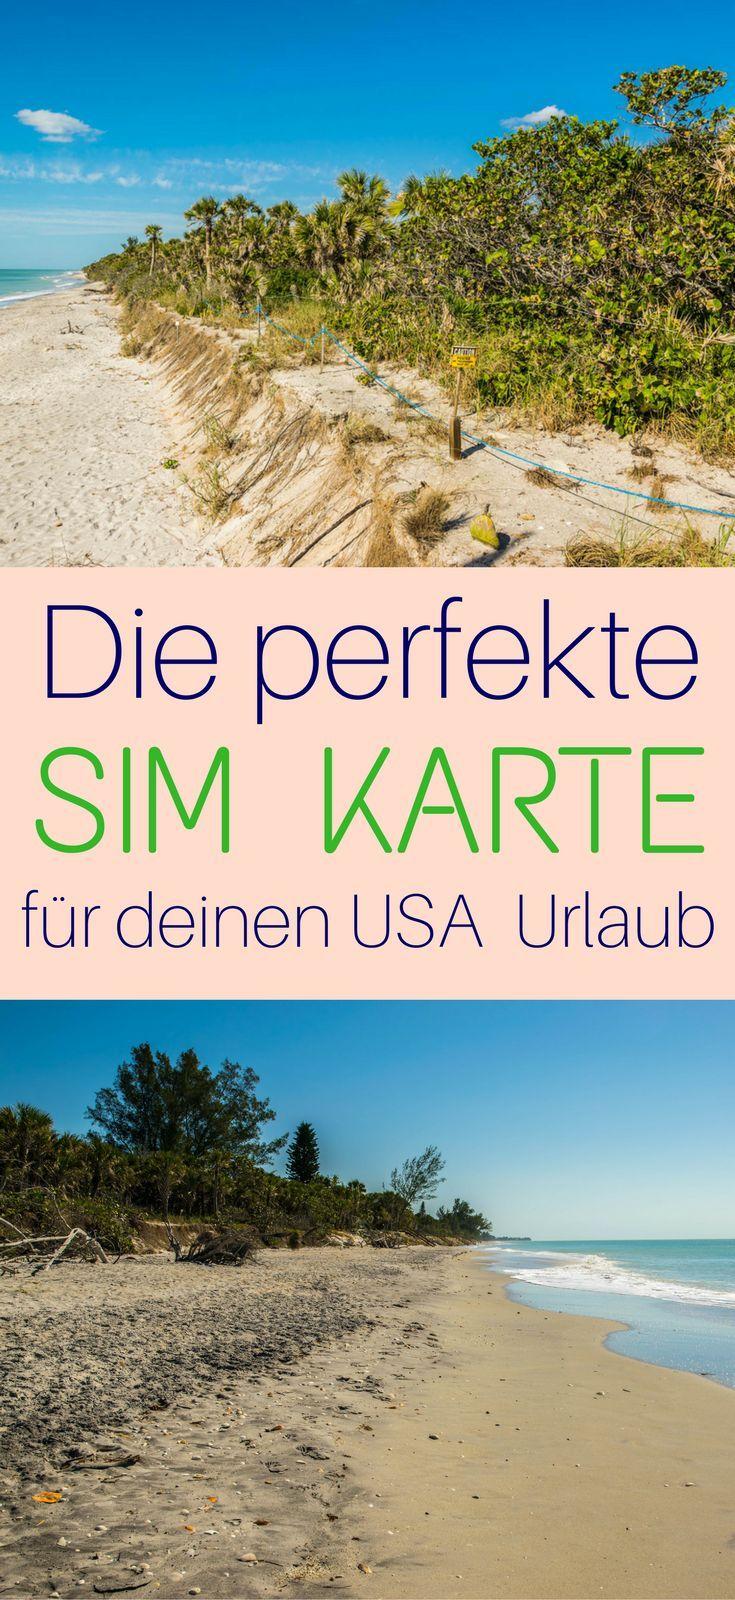 ReiseSIM Prepaid SIM Karte für Marokko inkl 10 Euro Guthaben Simkarte Pinterest